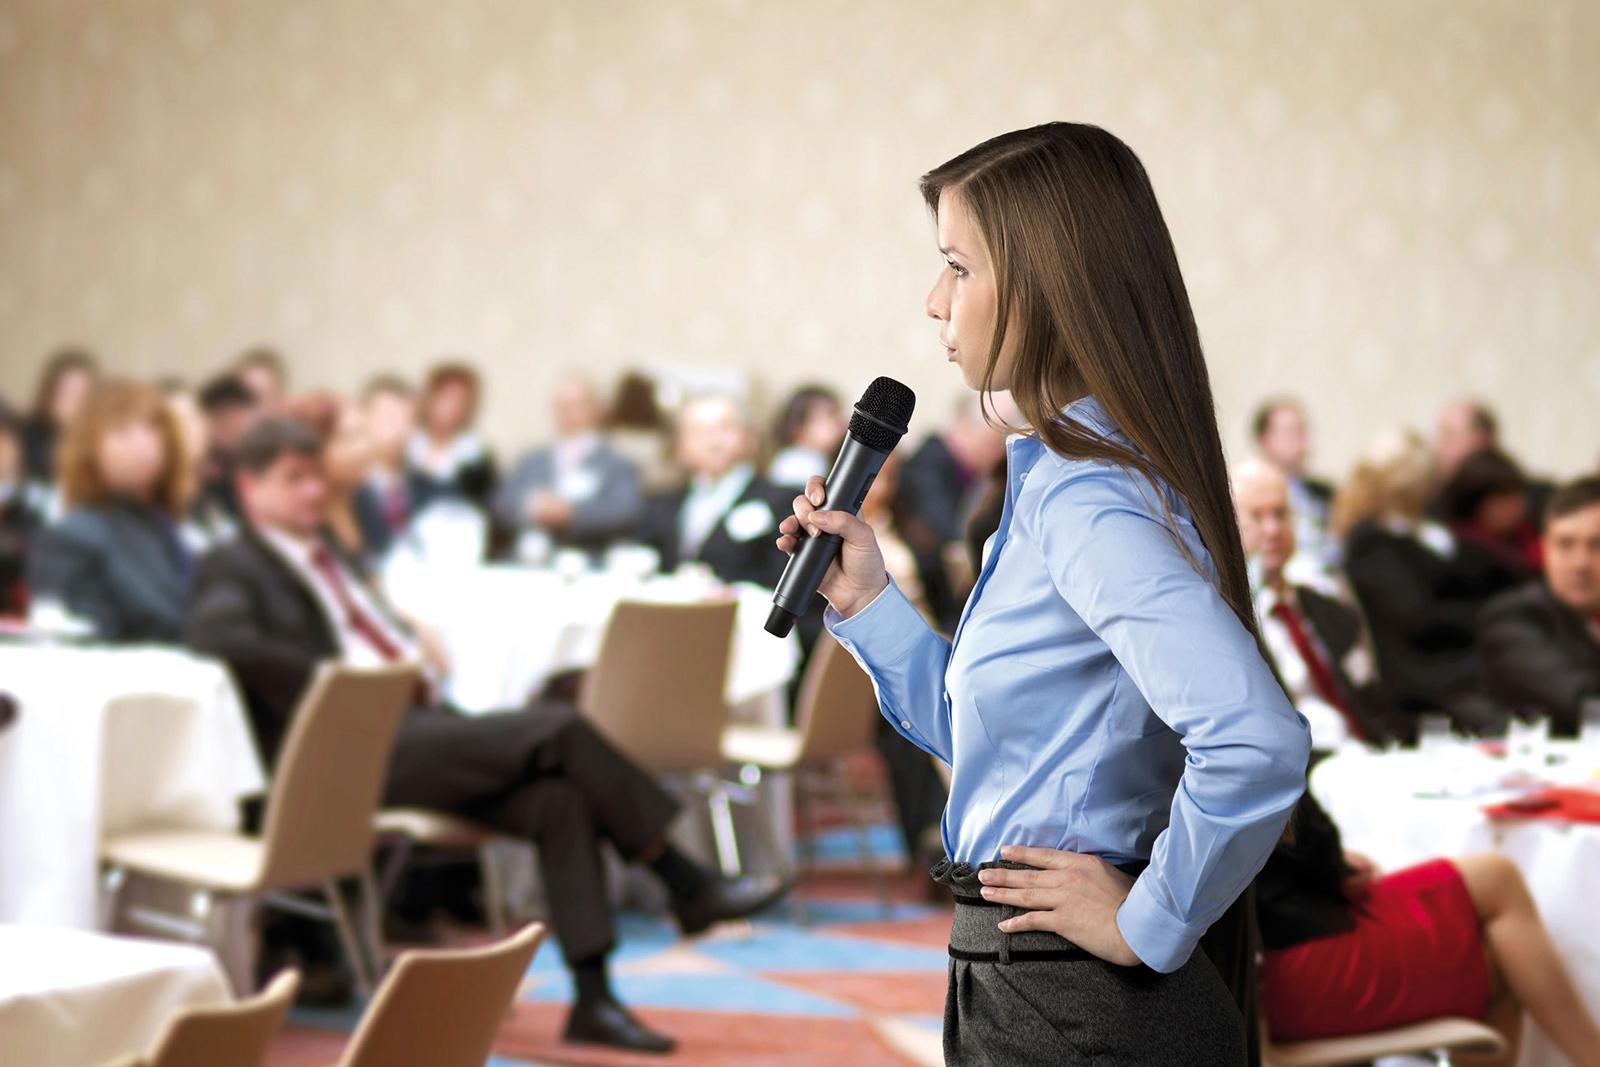 Для проведения вебинаров приглашаем опытных спикеров: бизнес-тренеров, менеджеров, маркетологов, коучей, психологов, предпринимателей